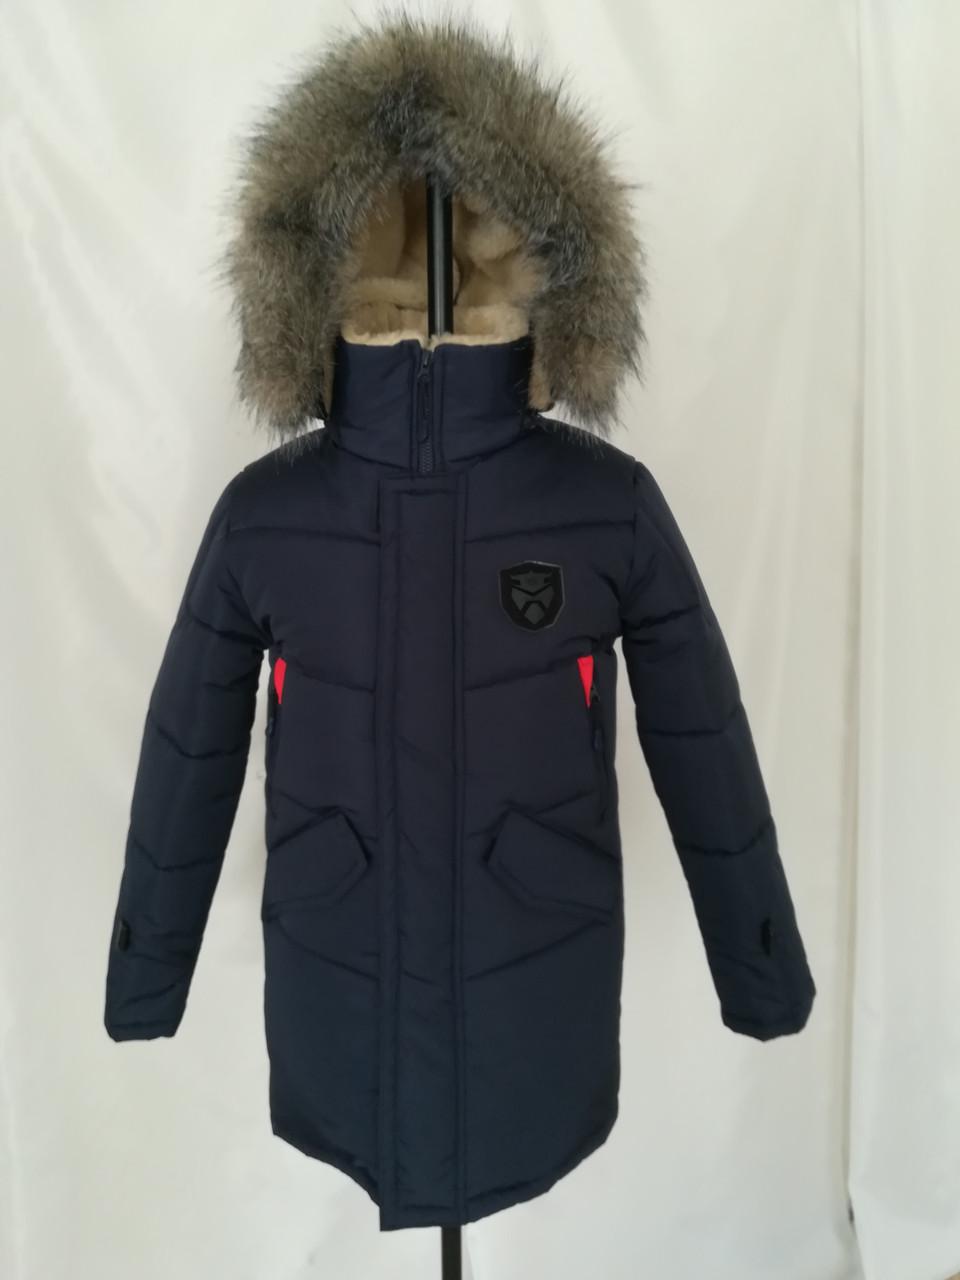 4500c34a7d5 Зимняя куртка парка для мальчиков подростков удлиненная 34-44 синий -  Детская и подростковая одежда